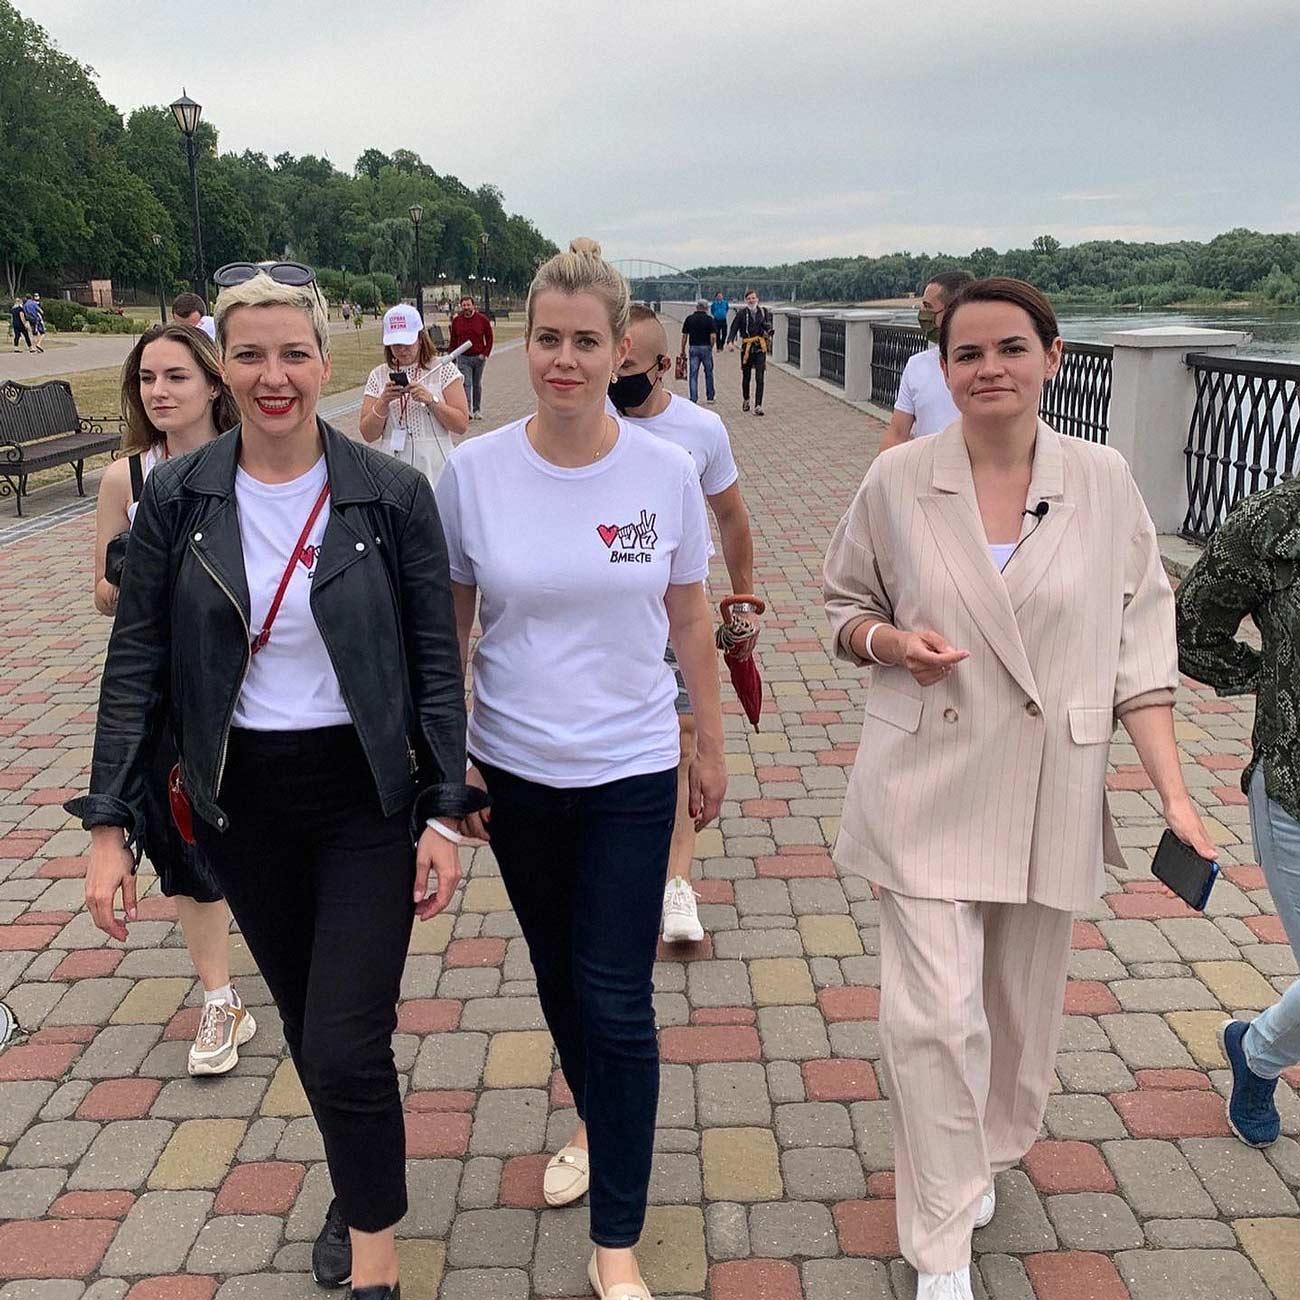 belarussian women 02 - <b>«Нечего было нас злить».</b> Заборона называет главного героя 2020 года - Заборона